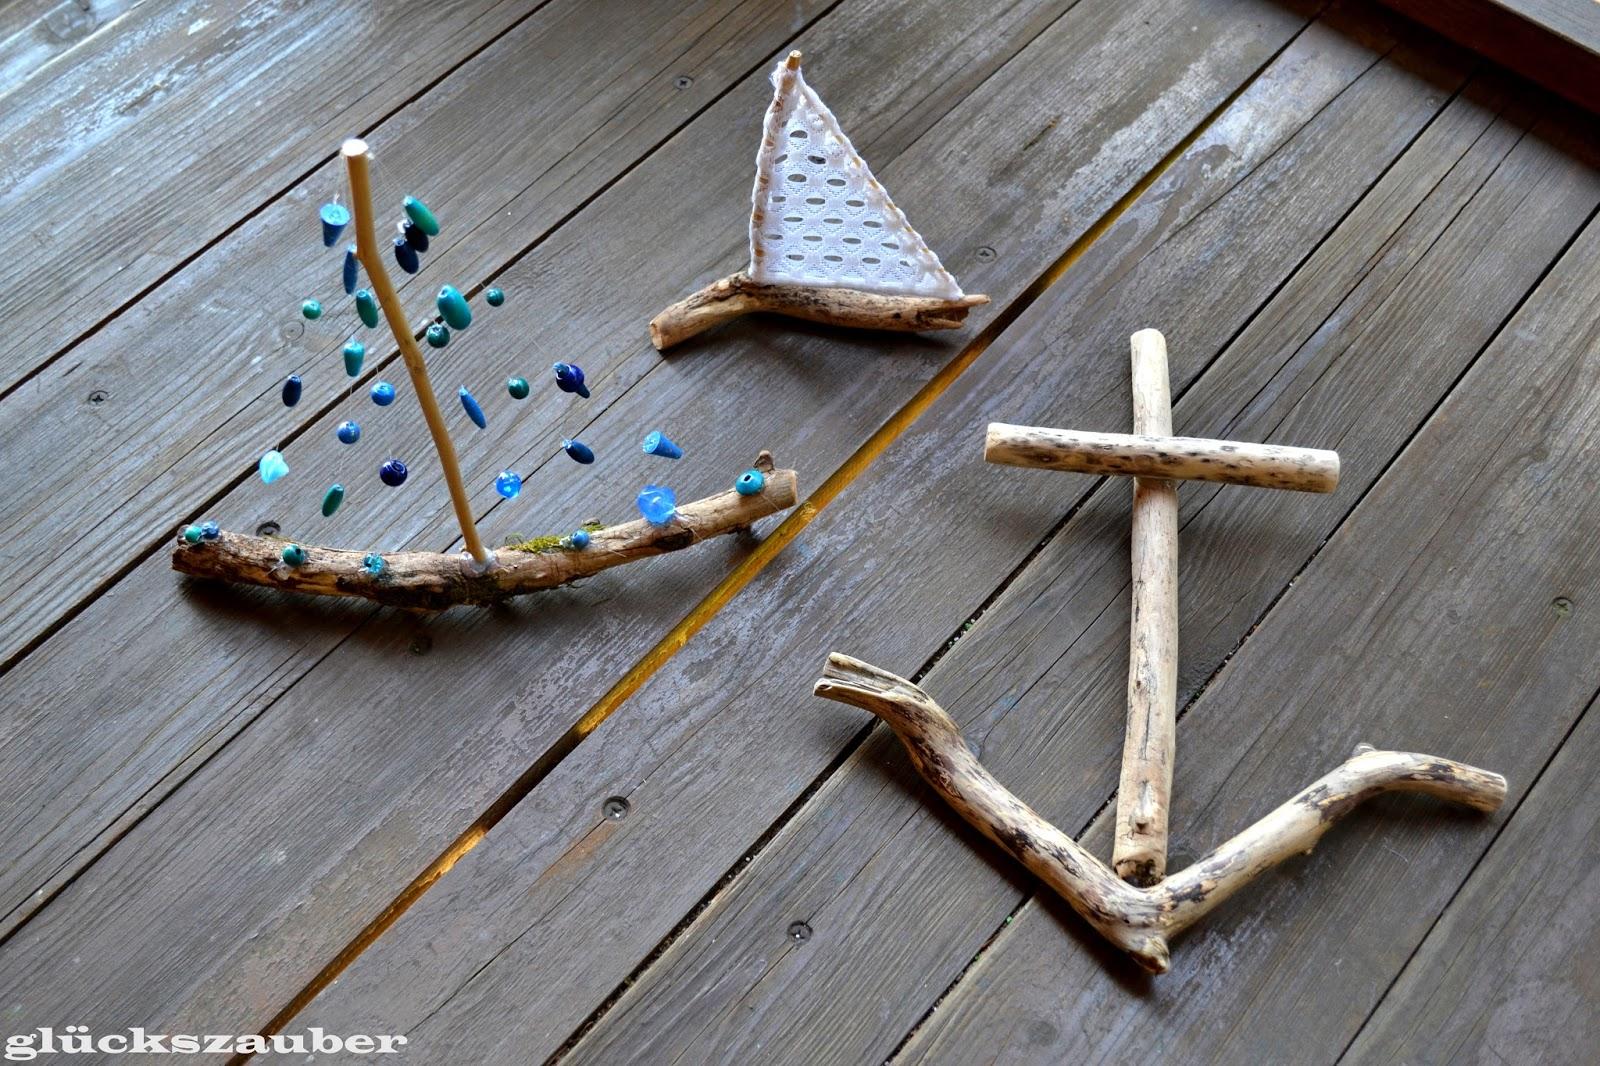 gl ckszauber basteln mit treibholz segelschiffe anker und klangspiele in fischform. Black Bedroom Furniture Sets. Home Design Ideas